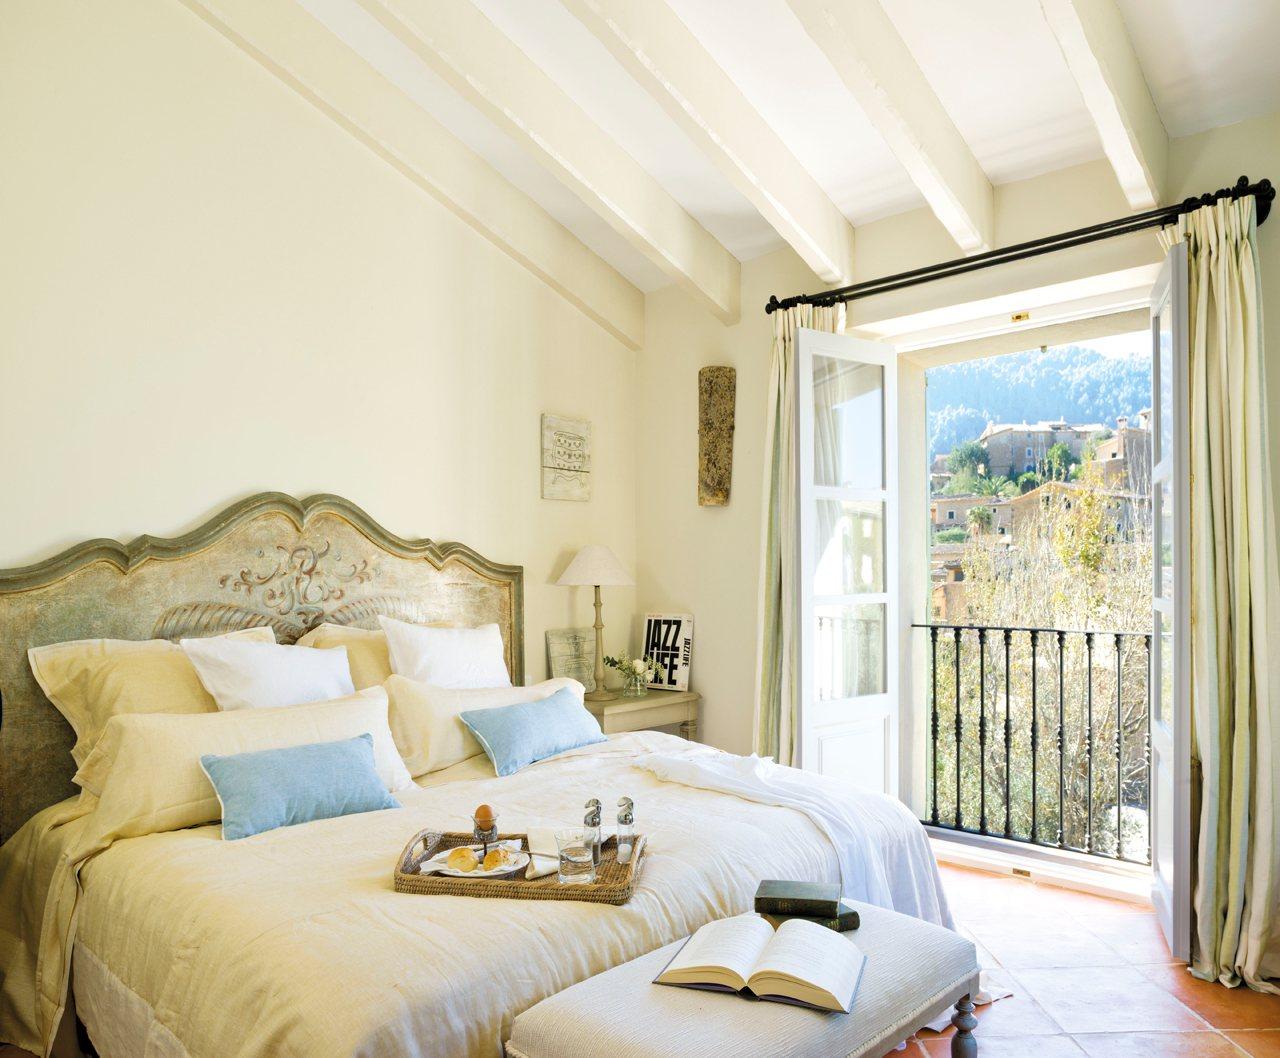 Blanco Dormitorio Principal Abuhardillado Con Un Clásico Cabecero